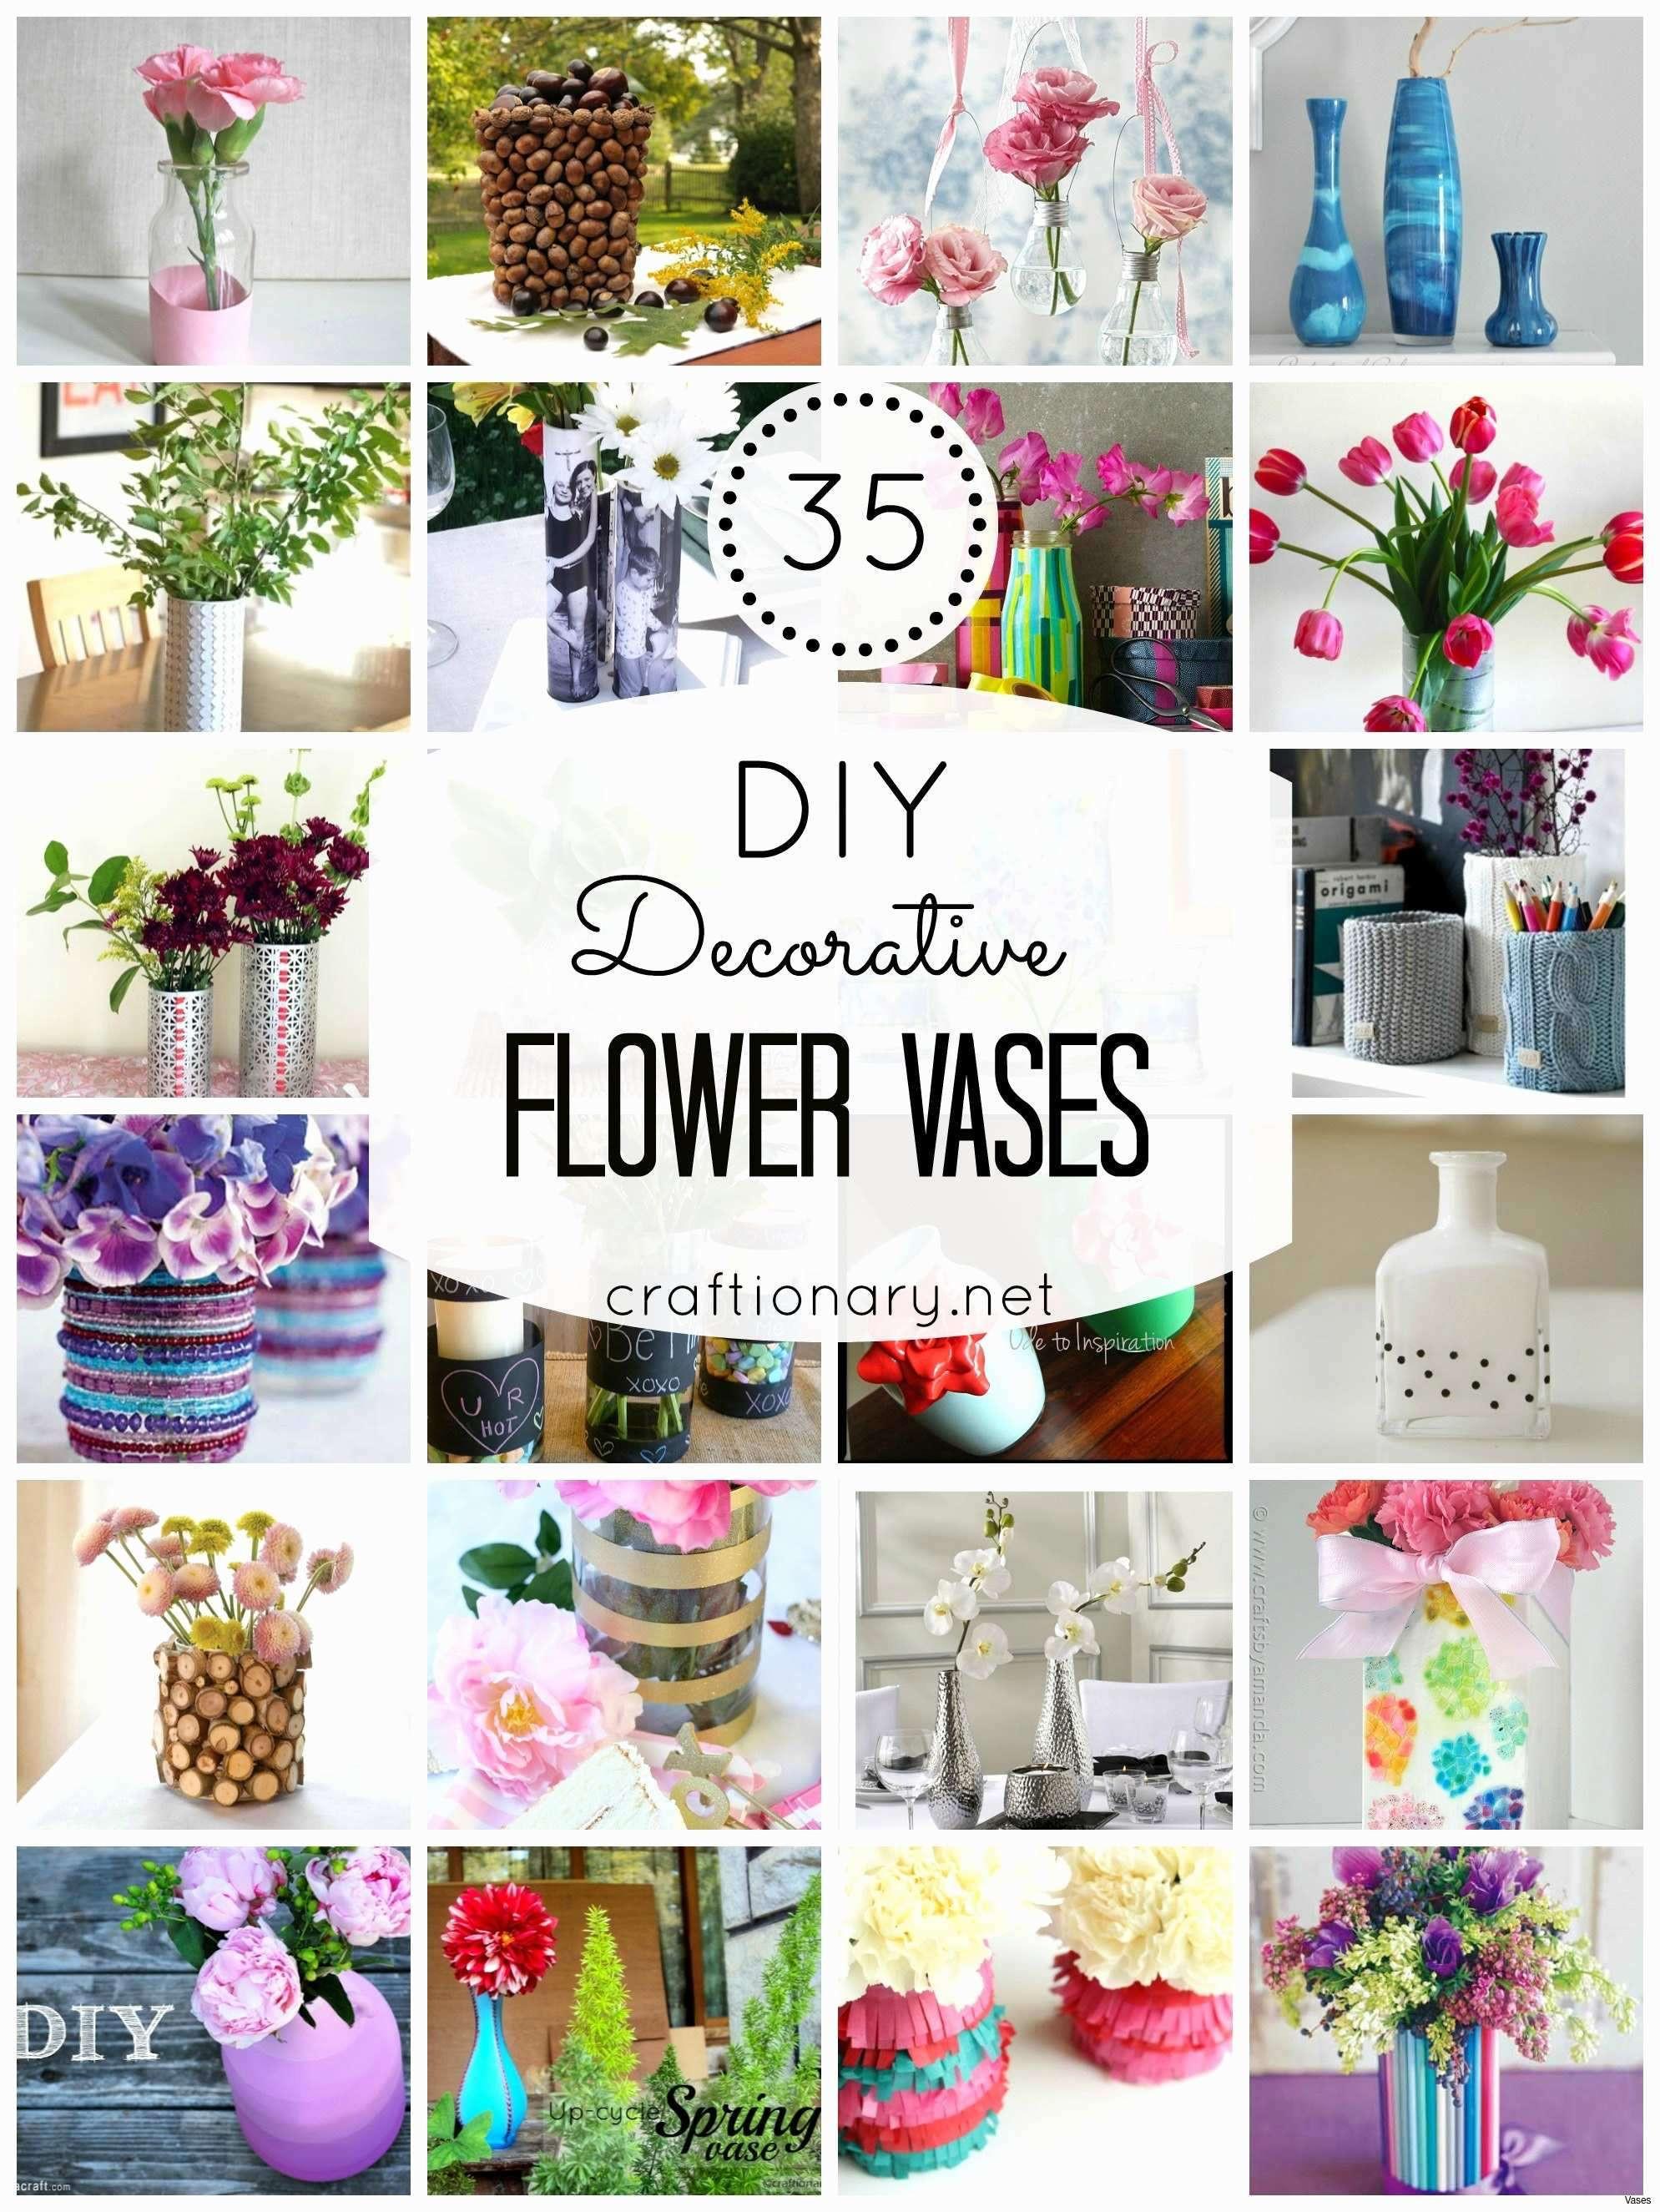 Diy Flower Vase Decoration Of soo Cool Elegant H Vases Diy Flower Vase I 0d Painting Design Ideas Pertaining to soo Cool Elegant H Vases Diy Flower Vase I 0d Painting Design Ideas Of Cool Painting